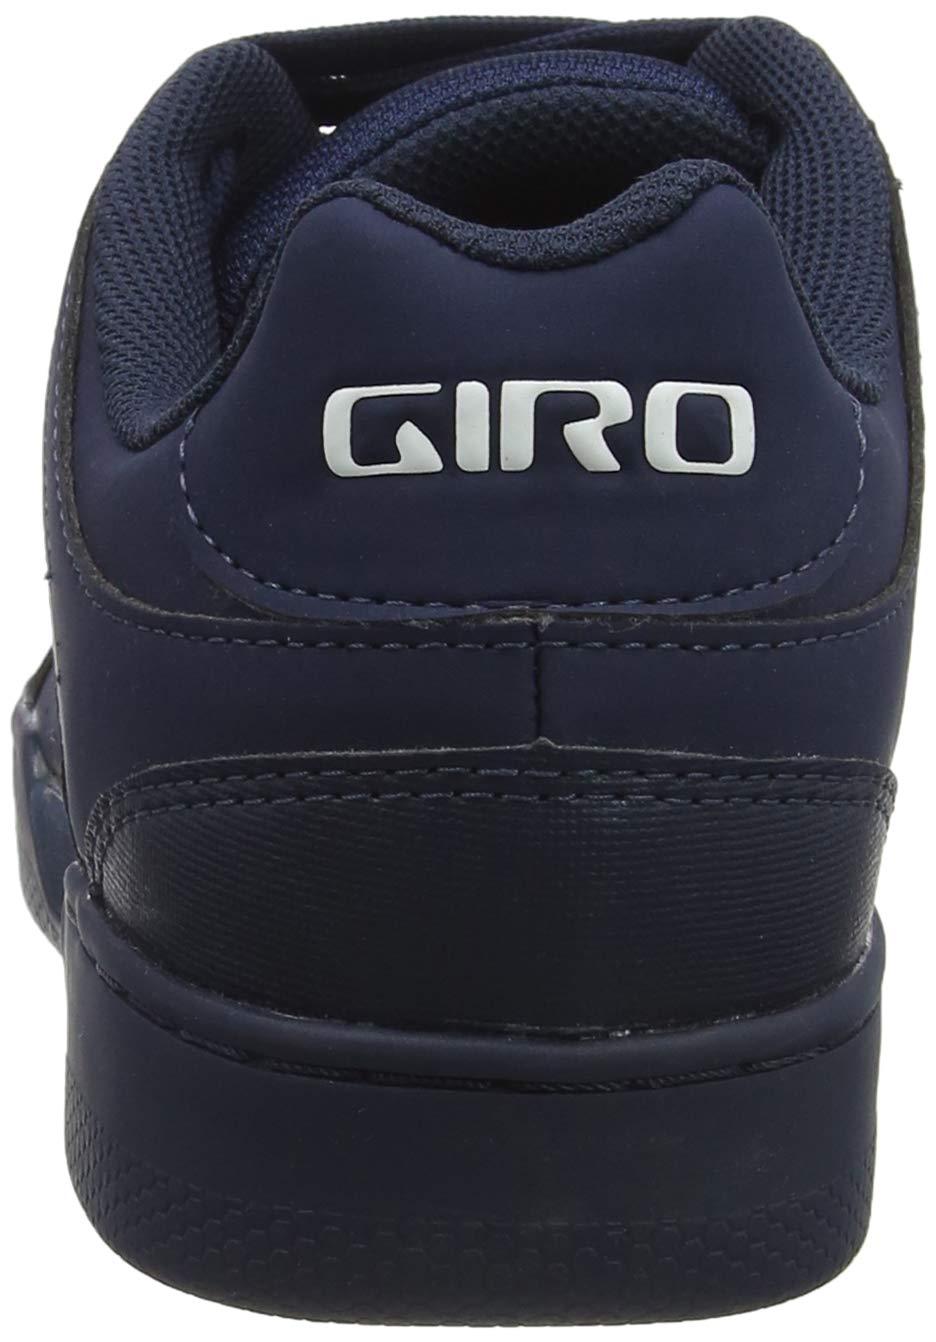 Giro Jacket II Cycling Shoe Mens